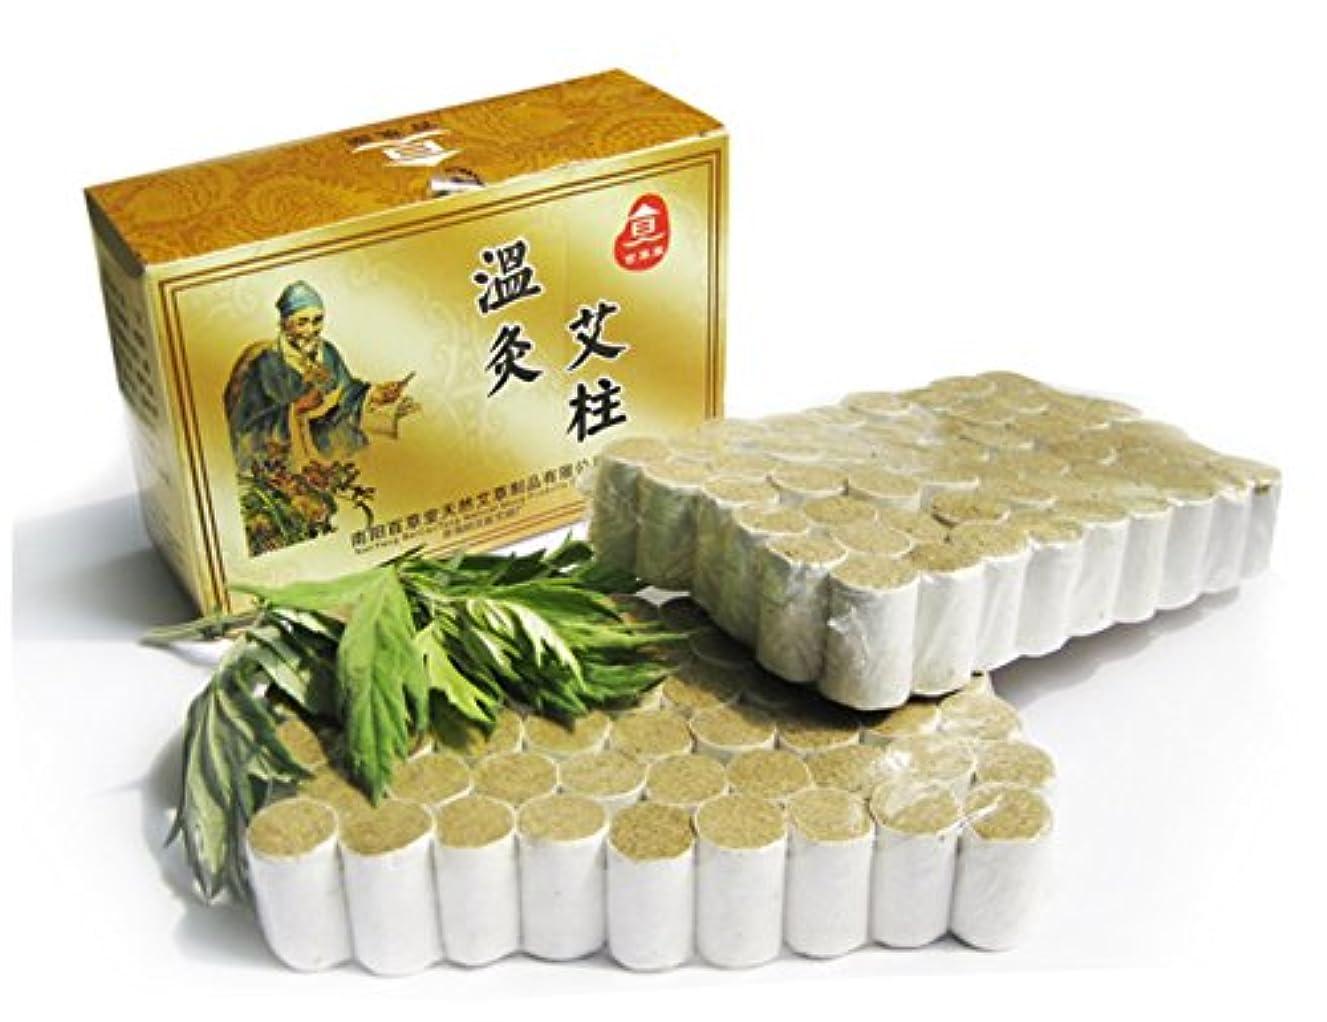 憂鬱な韓国語ラケット暖かい灸灸コーン2パックボックス Elitzia ETM0305 (108 列)